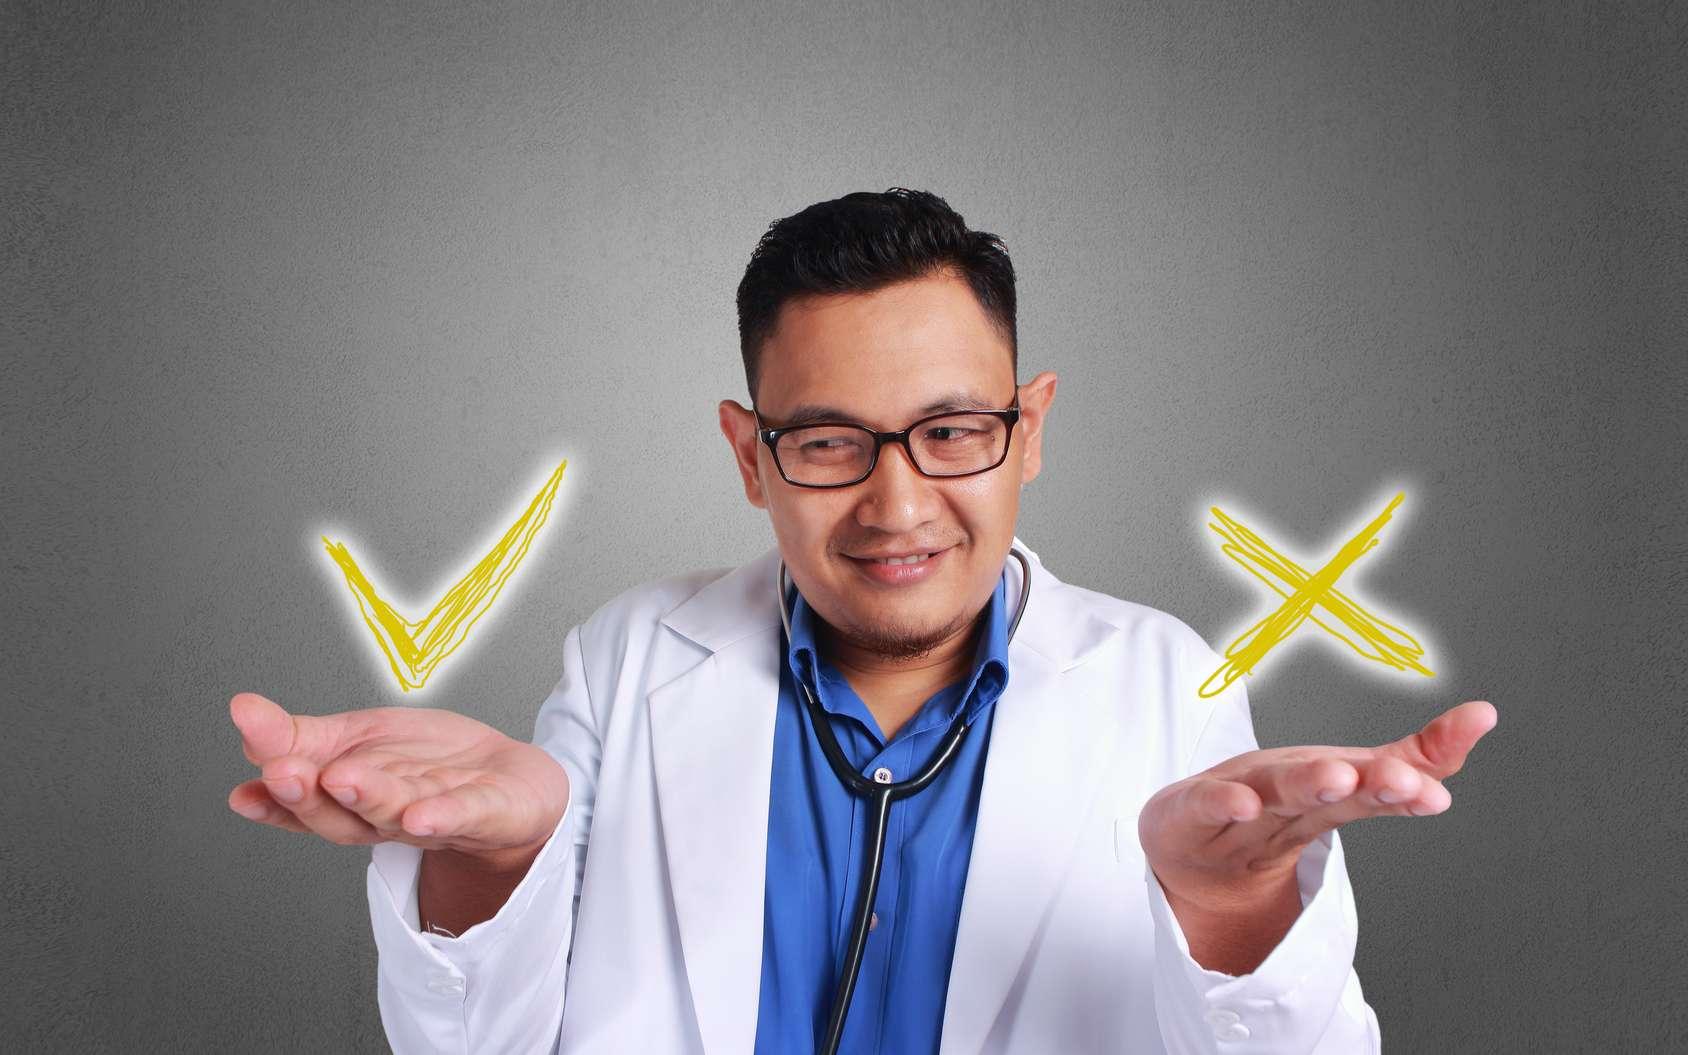 Les pratiques médicales contredites par la science. © airdone, Fotolia